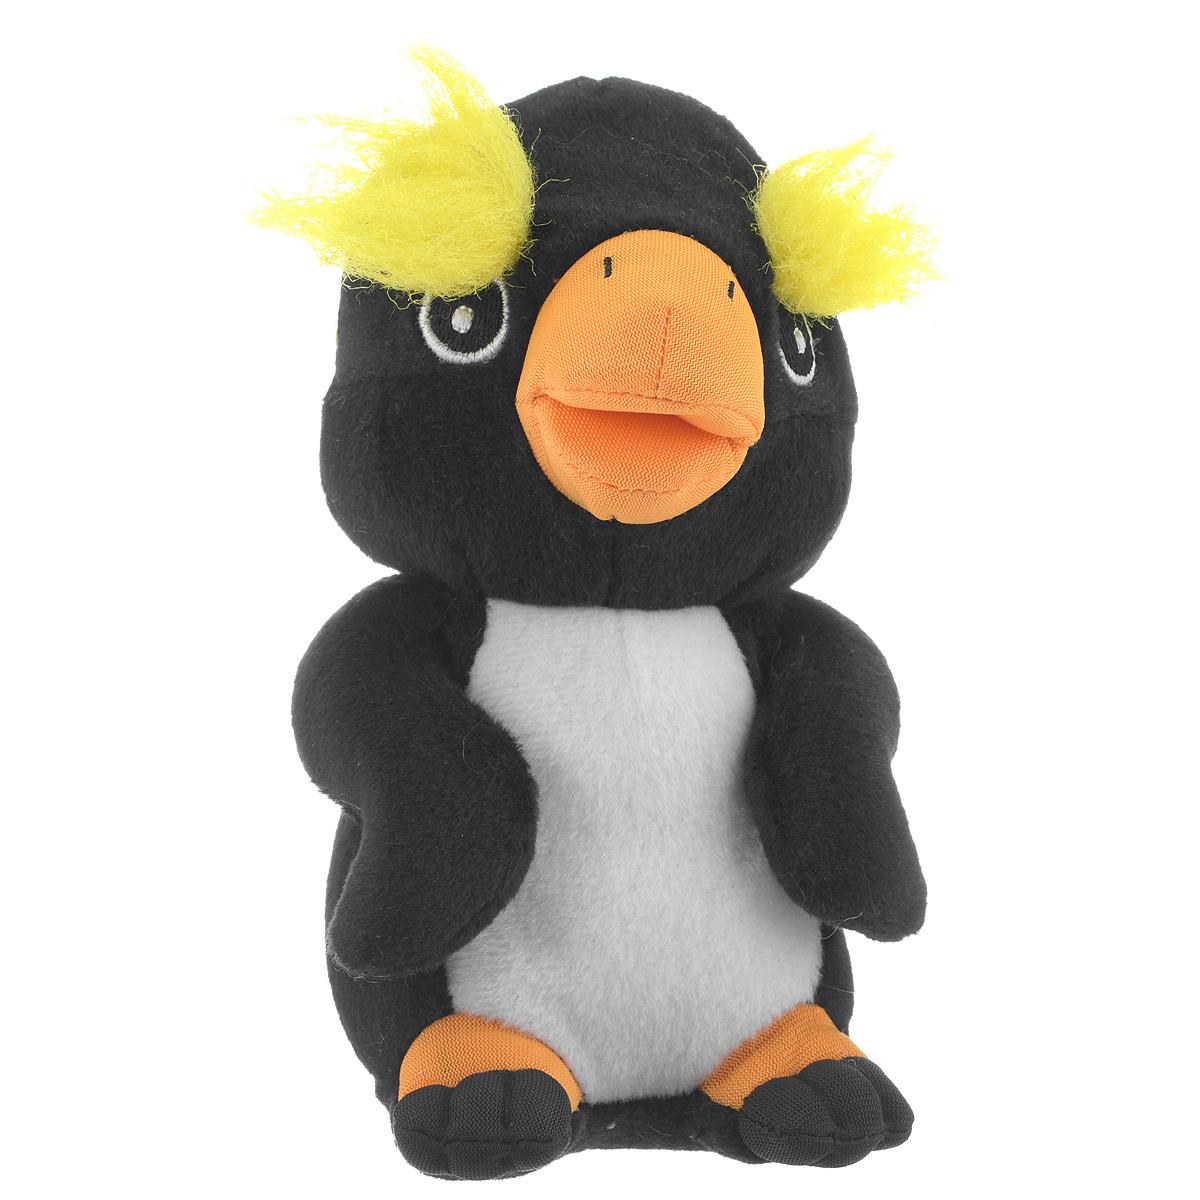 National Geographic Kids Мягкая игрушка Хохлатый пингвин, 14 смТ56099_пингвинМягконабивная игрушка Хохлатый пингвин из линейки National Geographic Kids поможет ребенку узнать больше о мире животных. Теперь он не просто сможет увидеть животное на картинках, но и потрогать и поиграть с ним. Необычайно мягкий и пушистый, этот симпатичный пингвин принесет радость и подарит своему обладателю мгновения нежных объятий и приятных воспоминаний.